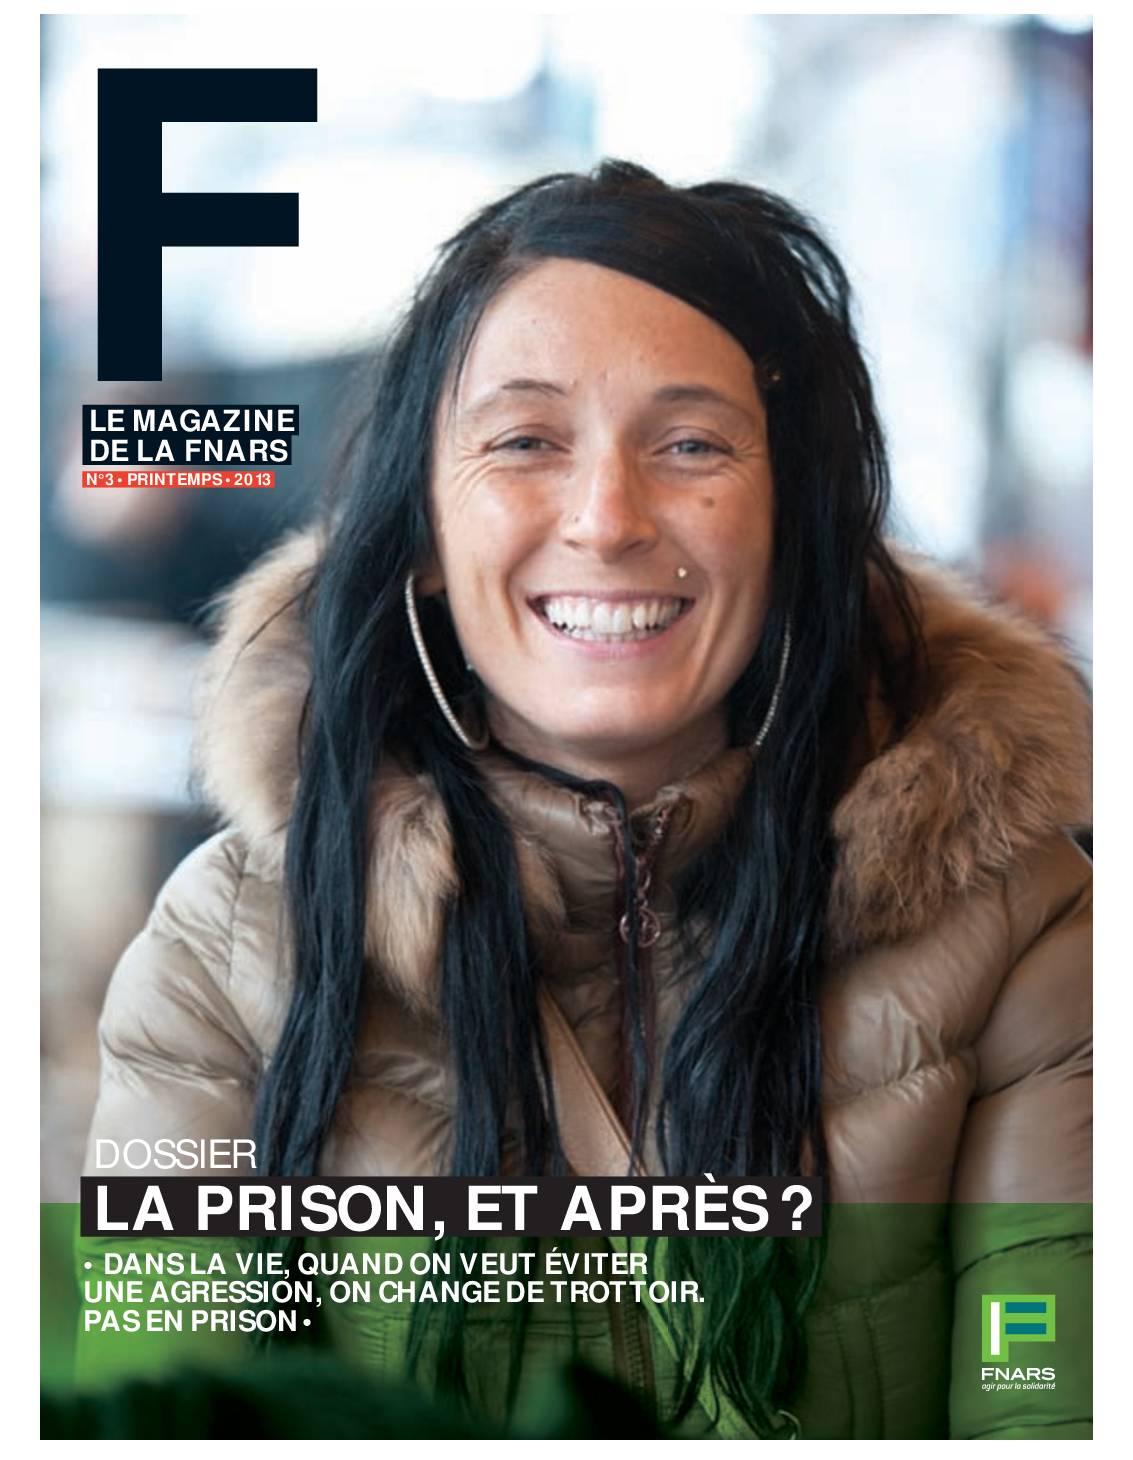 Le magazine de la FNARS n°3